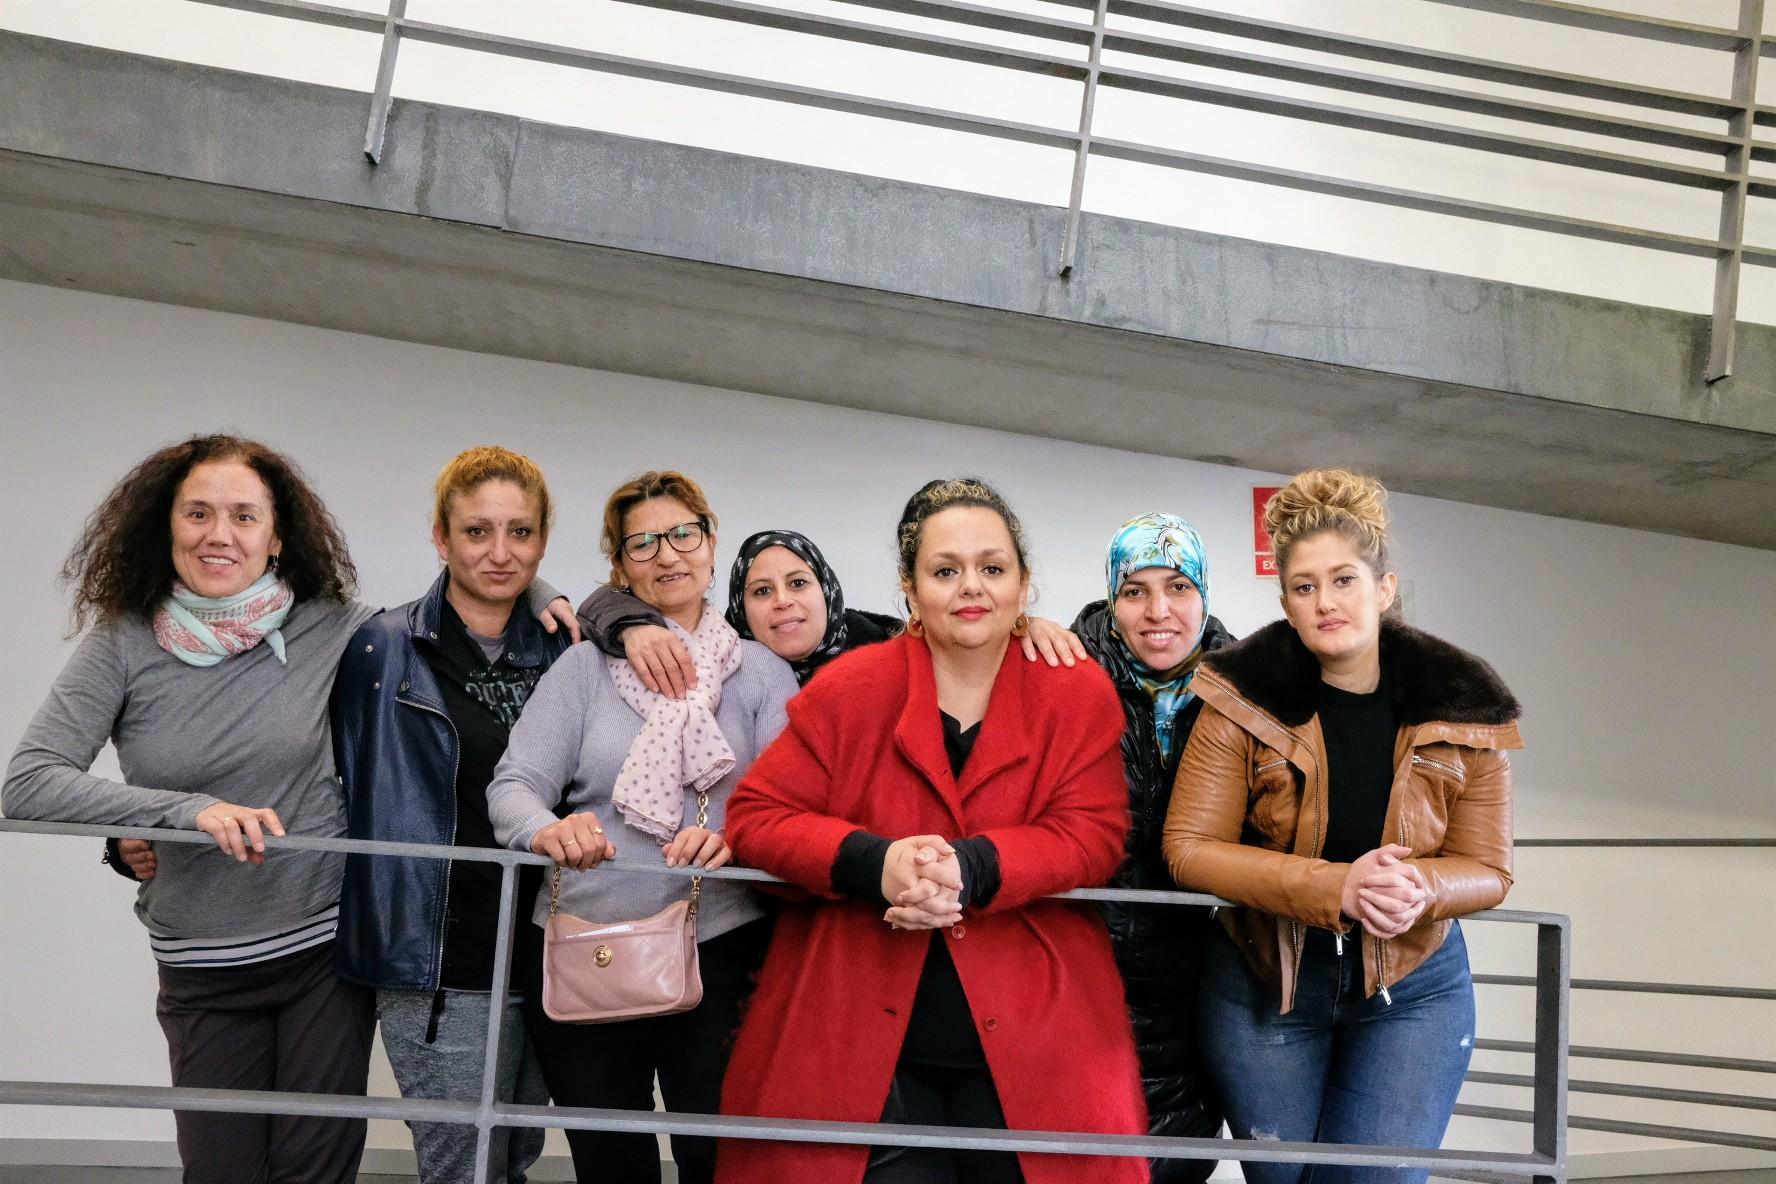 Farmamundi ha organizado esta semana dos talleres de fotografía participativa en Huesca y Calamocha (Teruel) junto a la fotógrafa aragonesa Pilo Gallizo.